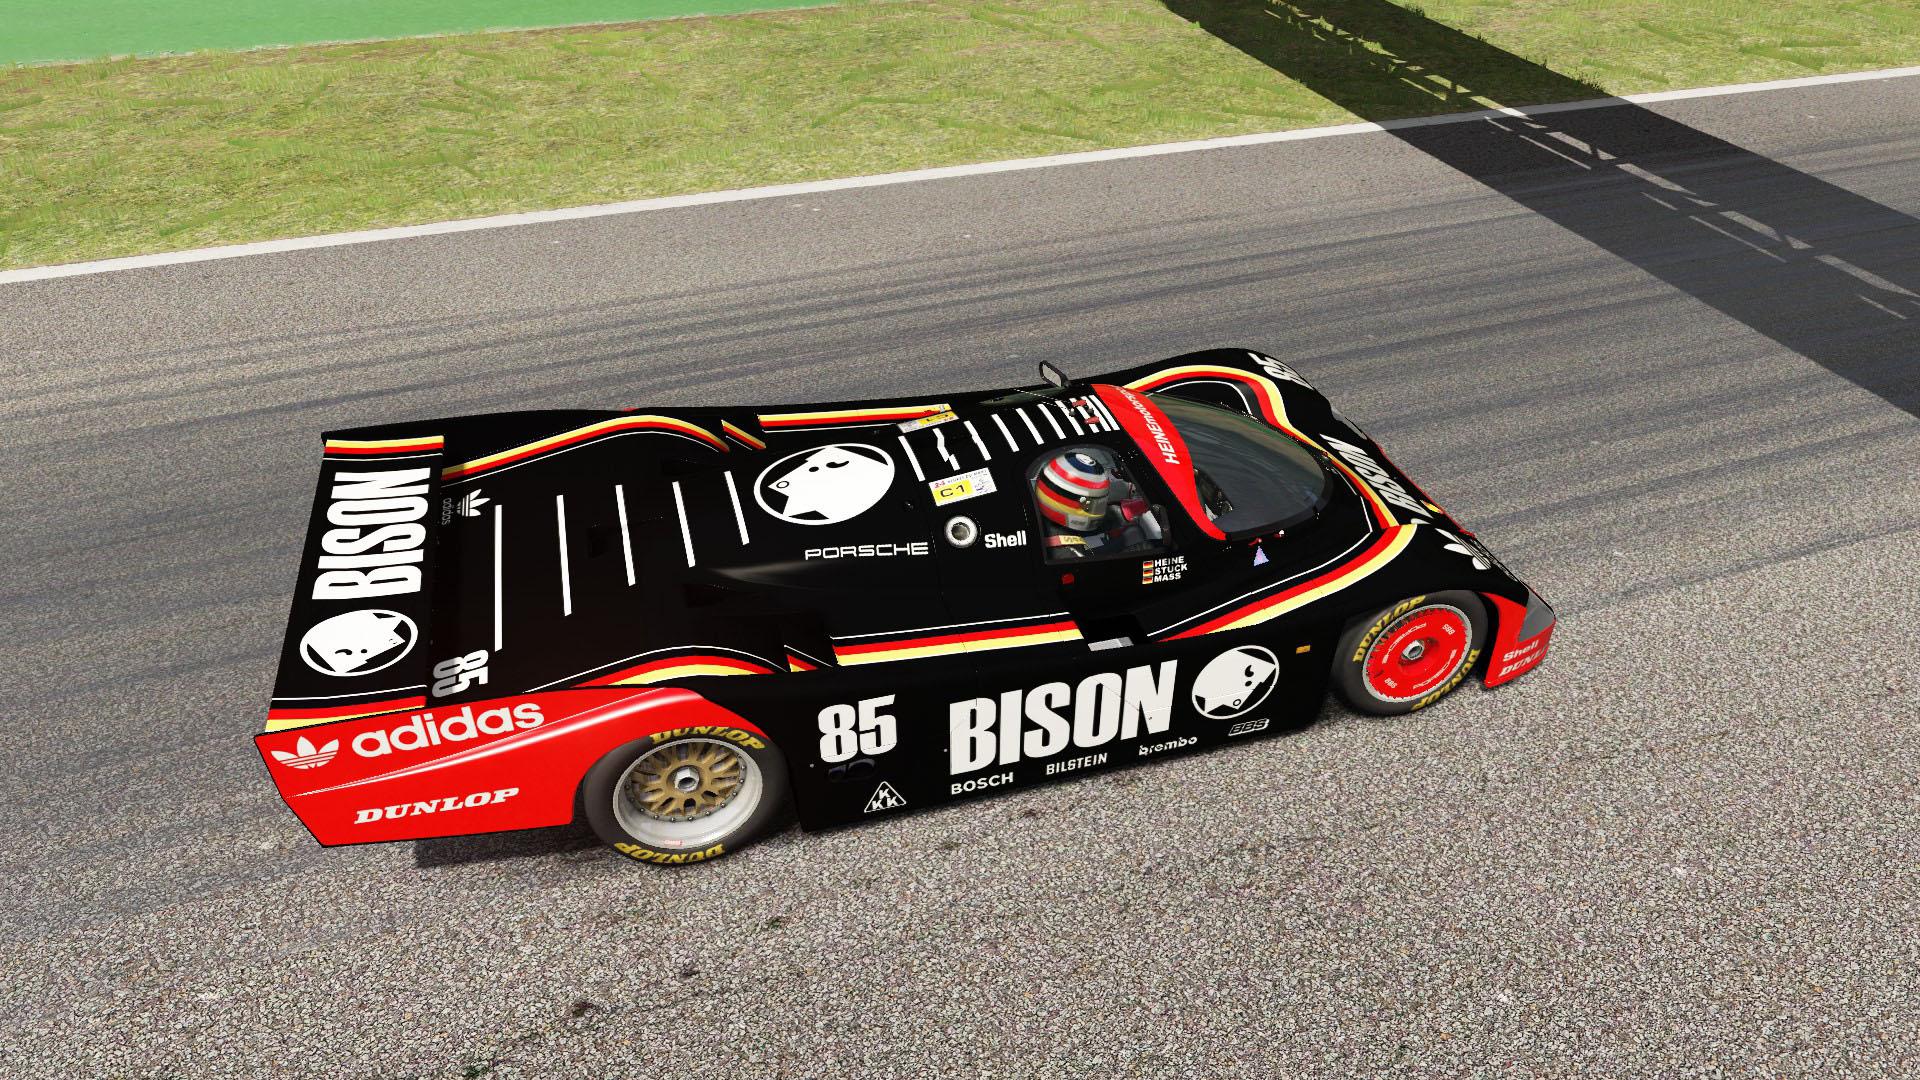 bison_962_02.jpg